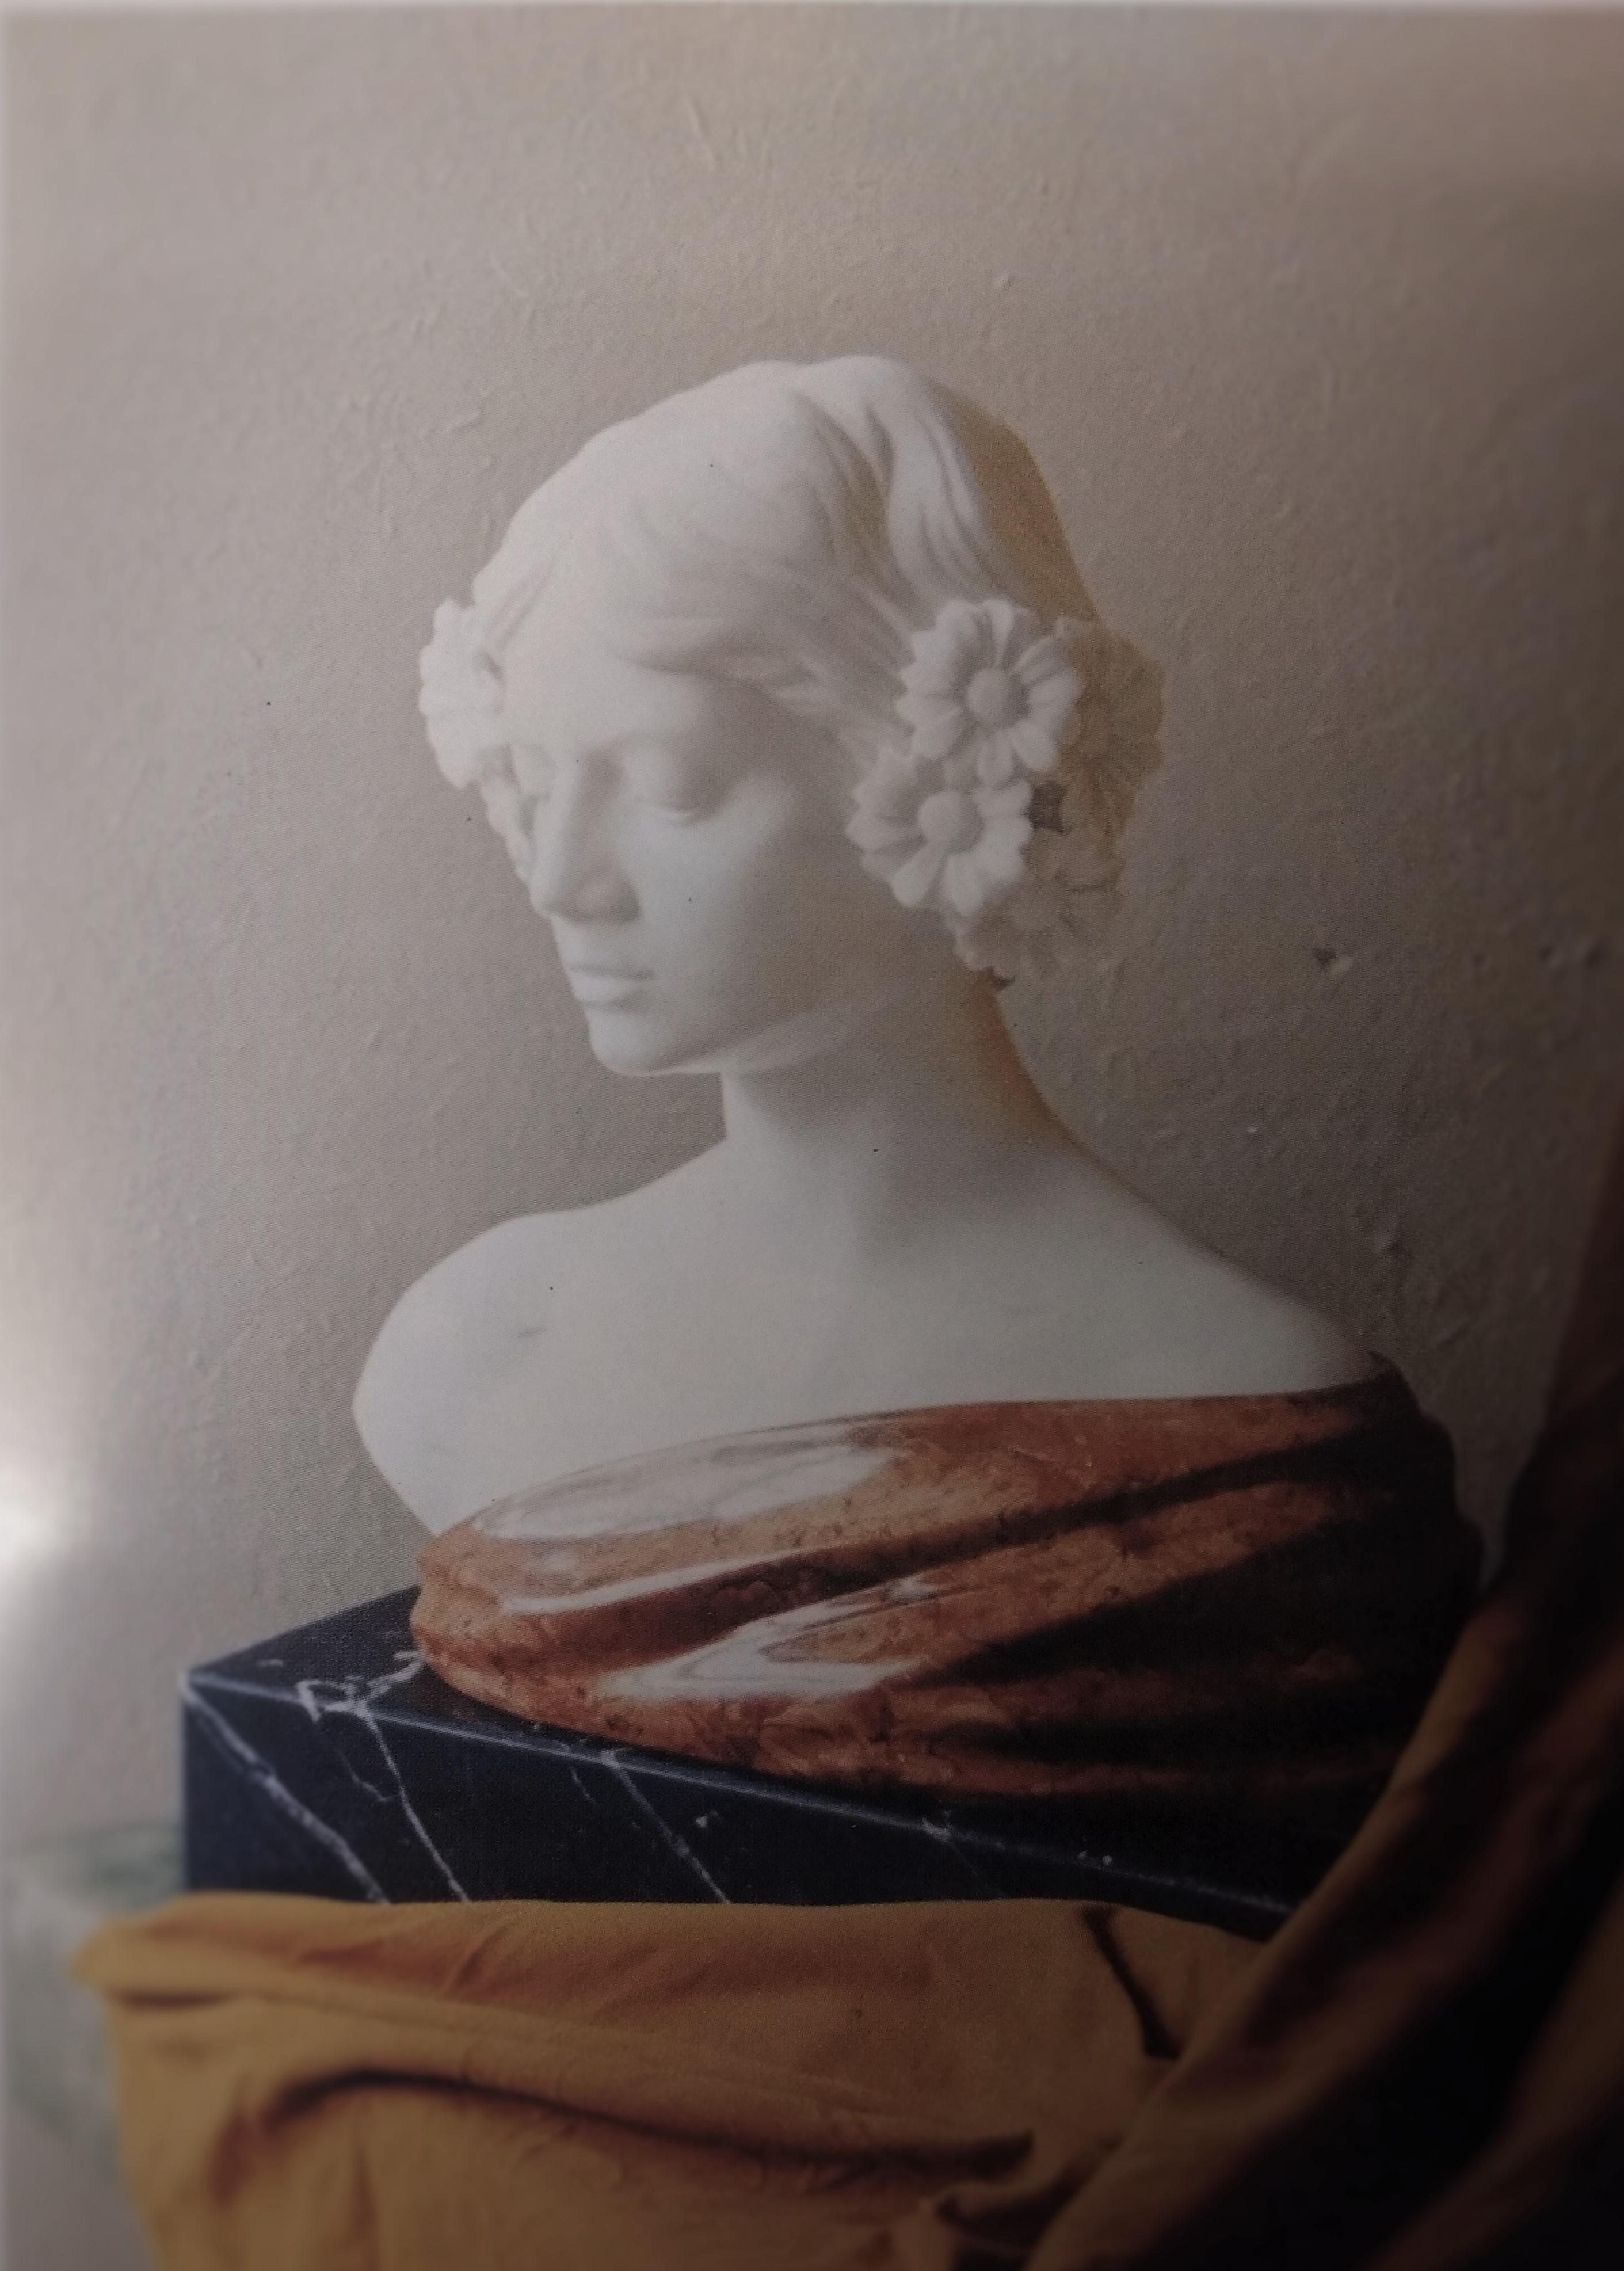 #Bust #Carrara #Marble #sculpture #Gargas